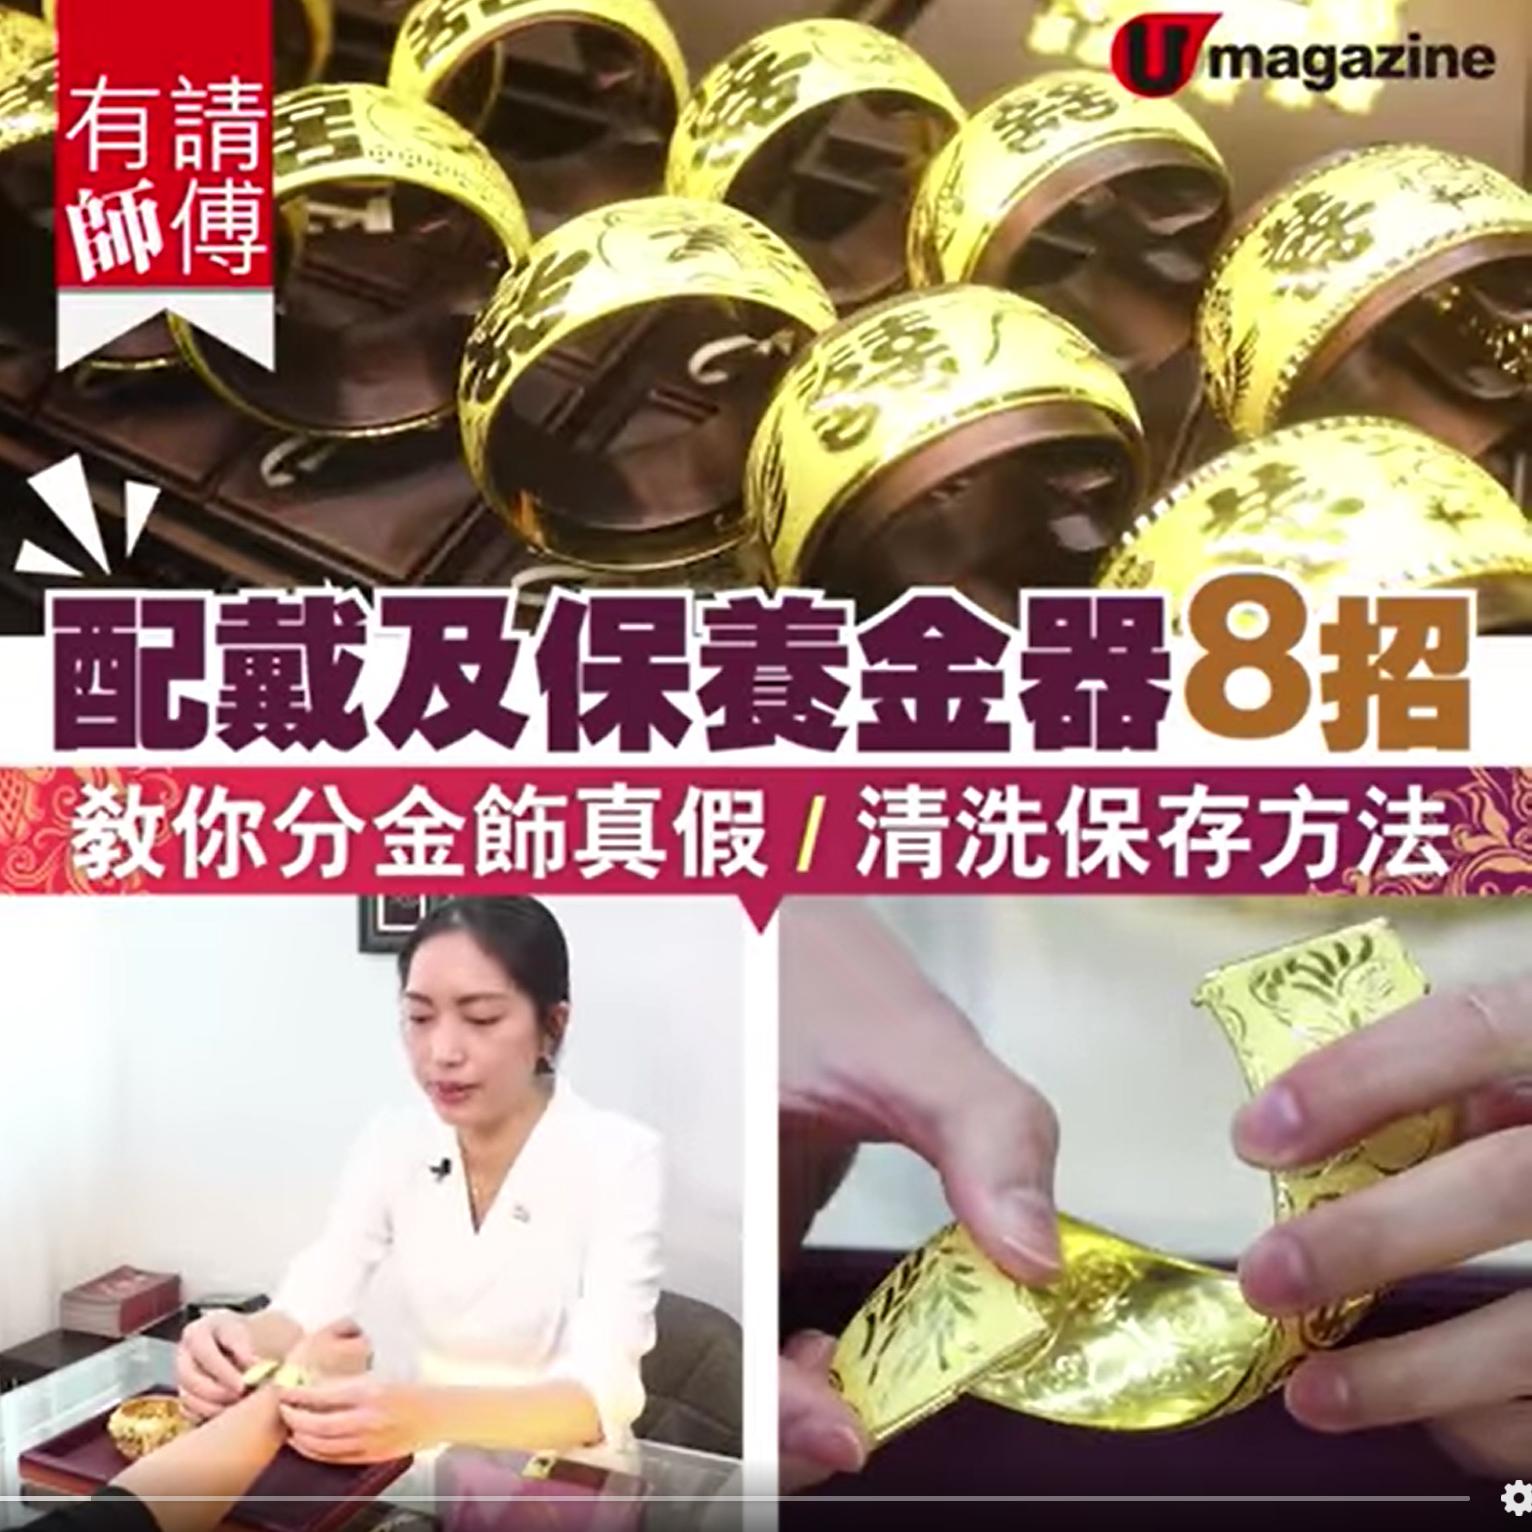 【金飾資訊】配戴及保養金器8招 – U magazine